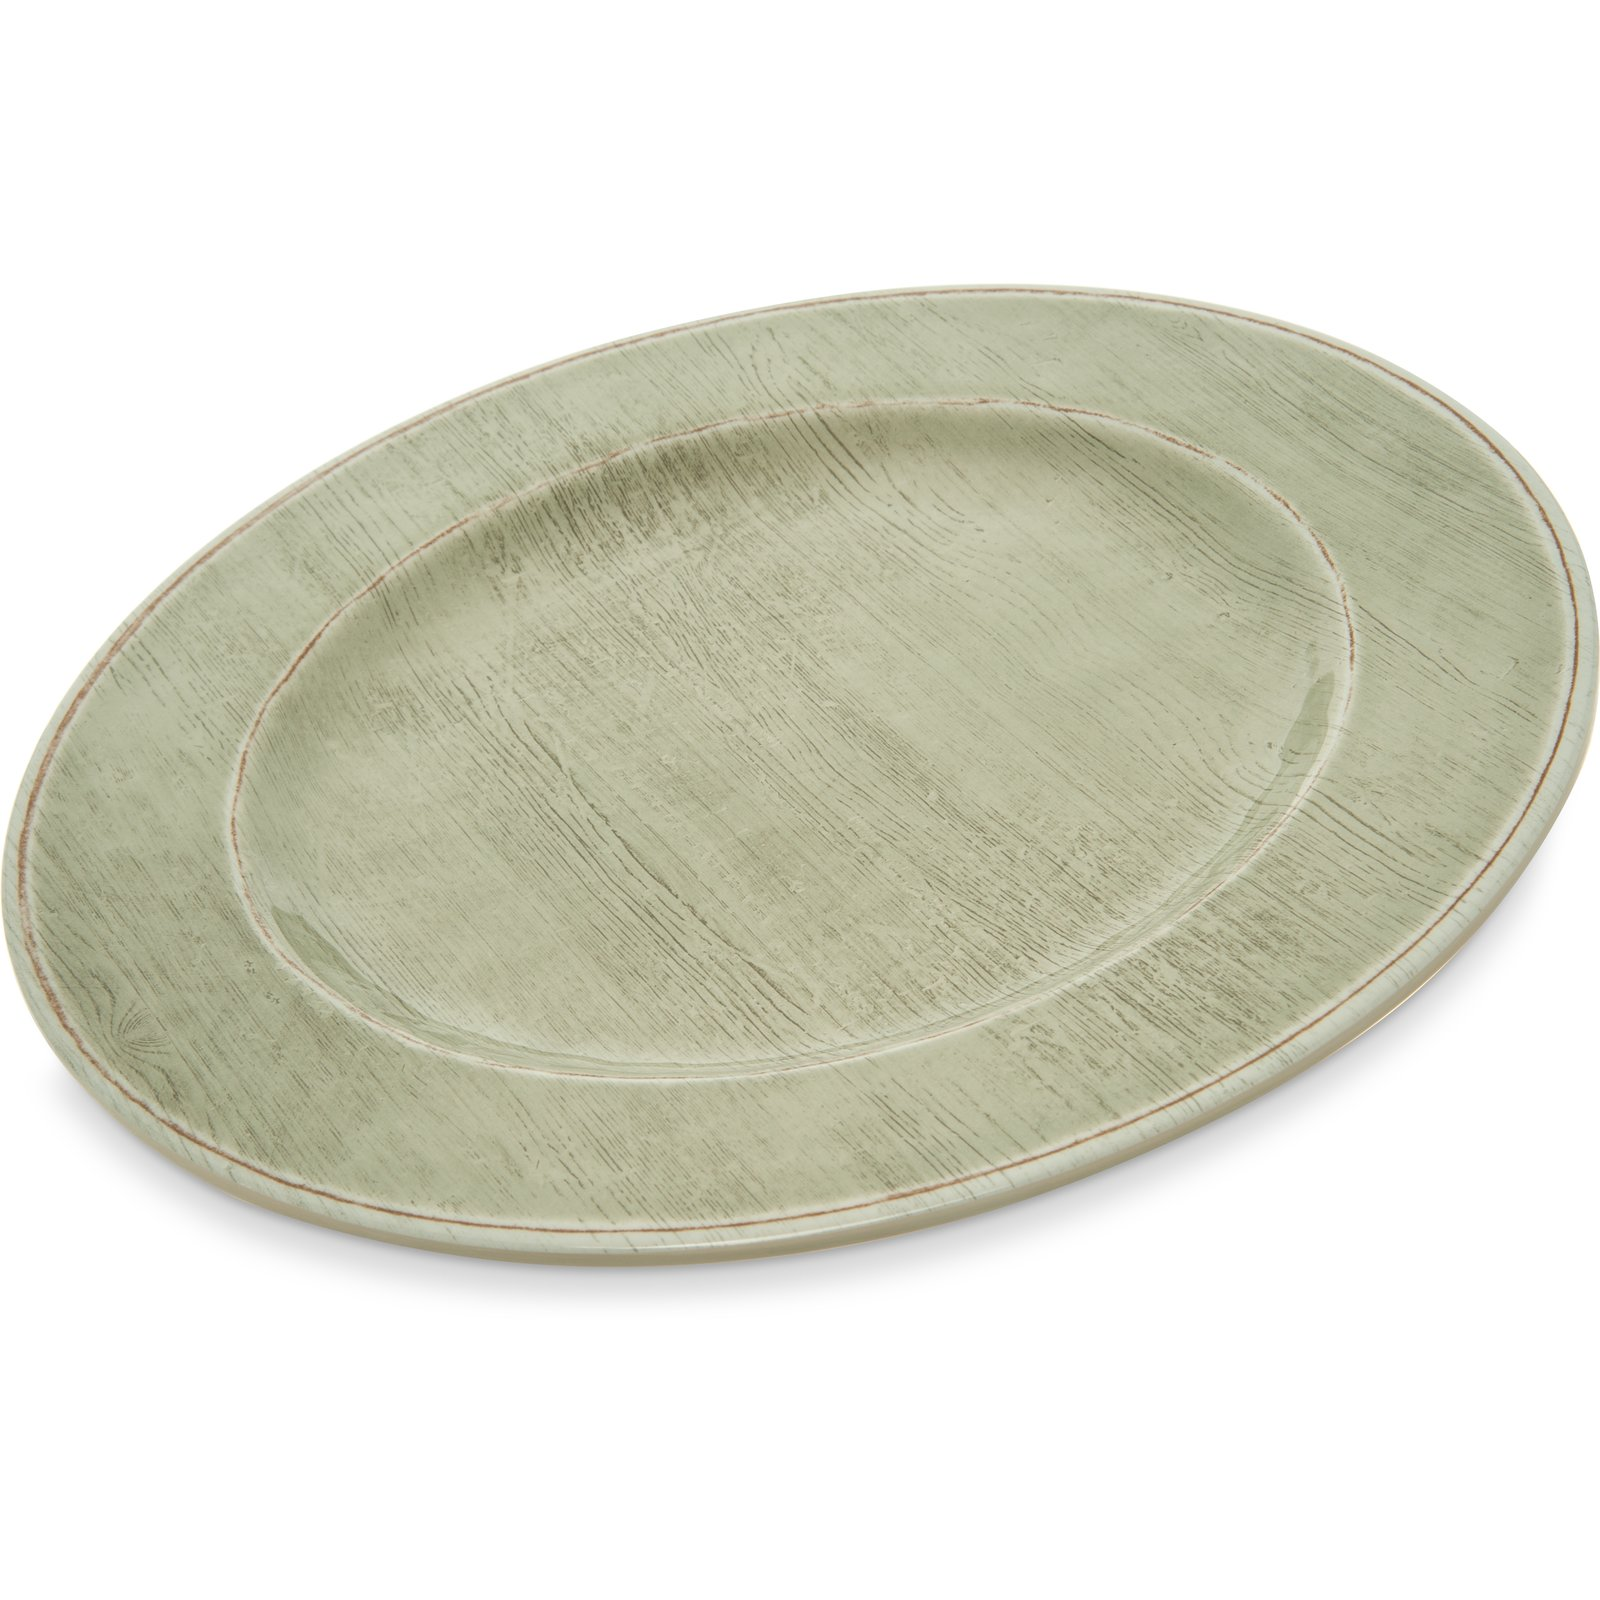 6400146 - Grove Melamine Dinner Plate 11  - Jade  sc 1 st  Carlisle FoodService Products & 6400146 - Grove Melamine Dinner Plate 11